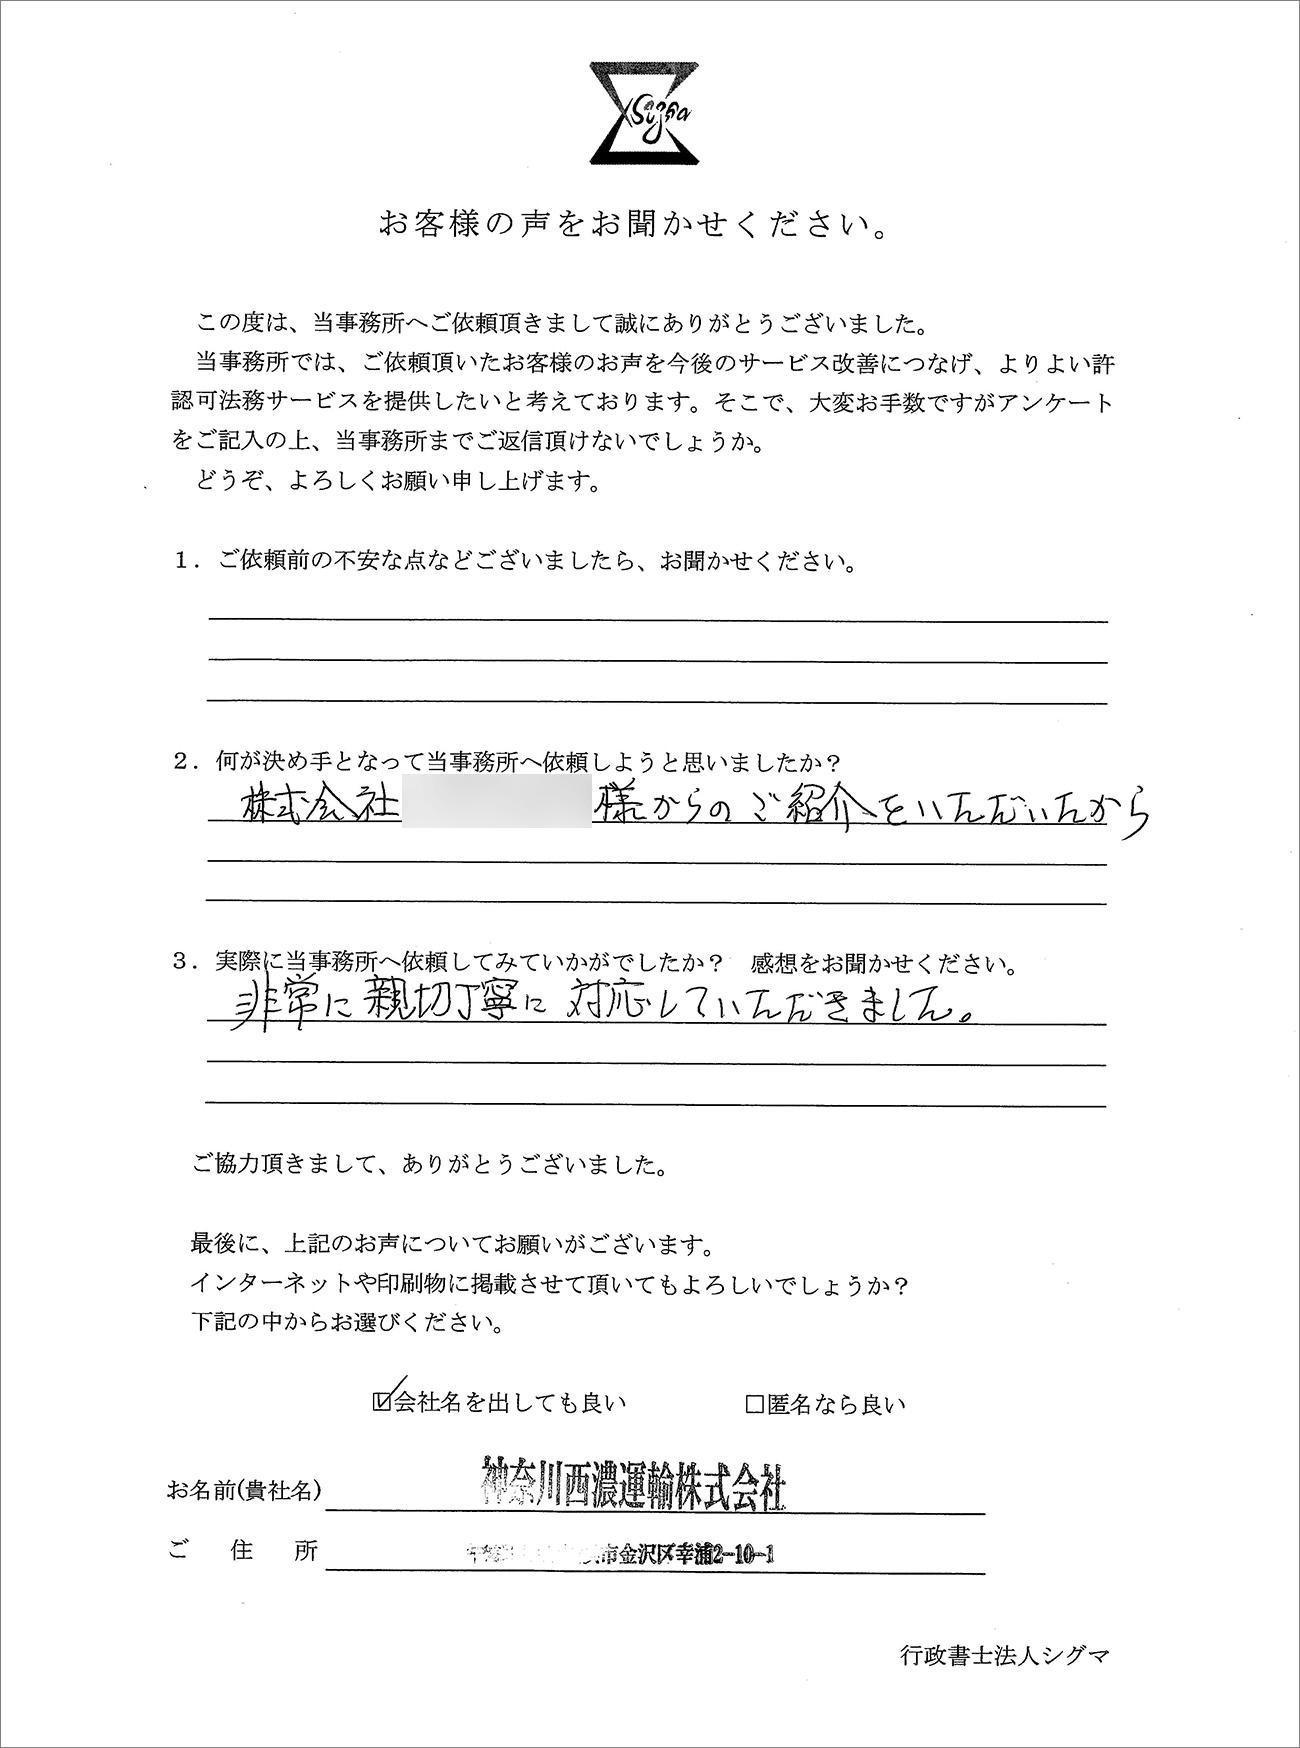 神奈川西濃運輸株式会社様アンケート